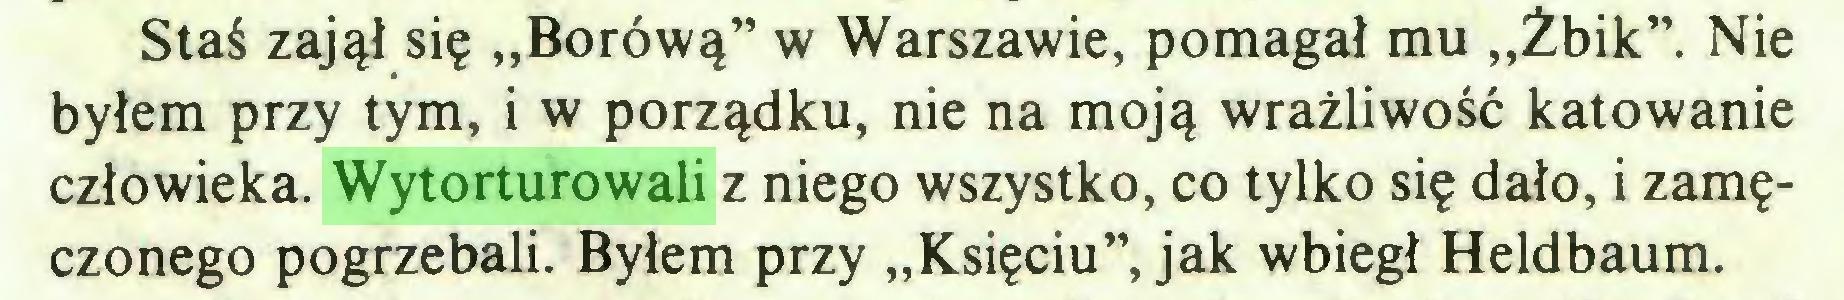 """(...) Staś zajął się """"Borówą"""" w Warszawie, pomagał mu """"Żbik"""". Nie byłem przy tym, i w porządku, nie na moją wrażliwość katowanie człowieka. Wytorturowali z niego wszystko, co tylko się dało, i zamęczonego pogrzebali. Byłem przy """"Księciu"""", jak wbiegł Heldbaum..."""